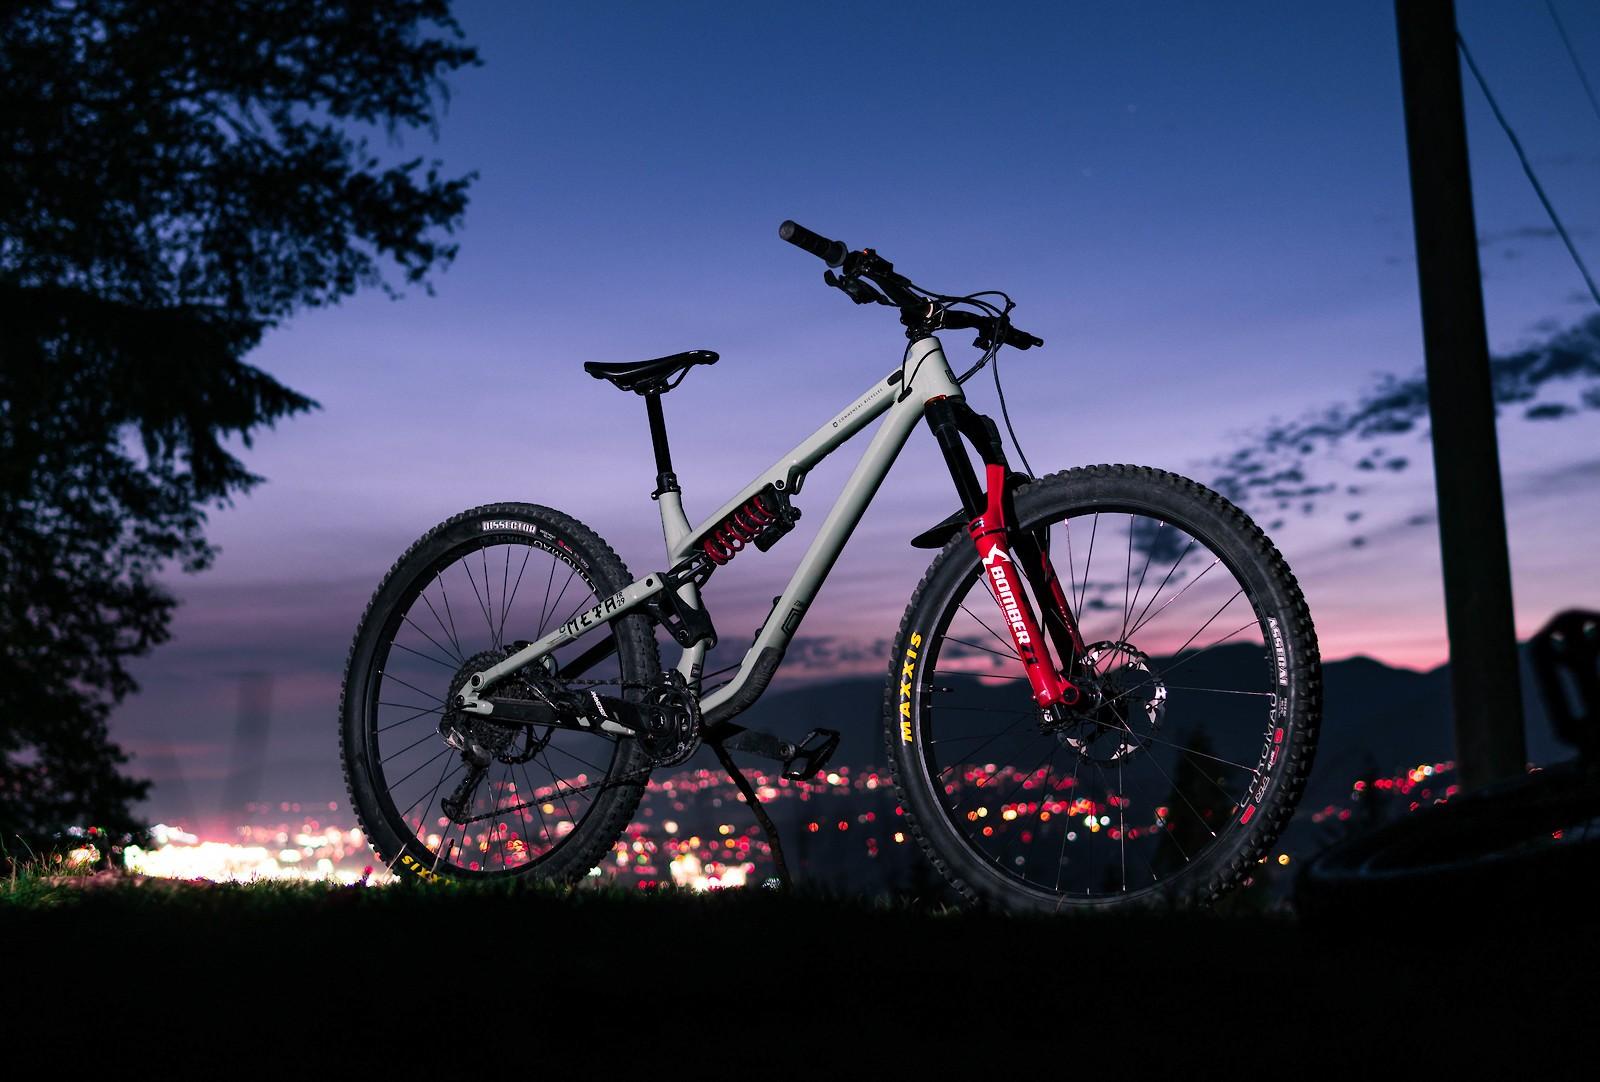 Commencal Meta TR 29 - Vital Bike of the Day September 2020 - Mountain Biking Pictures - Vital MTB